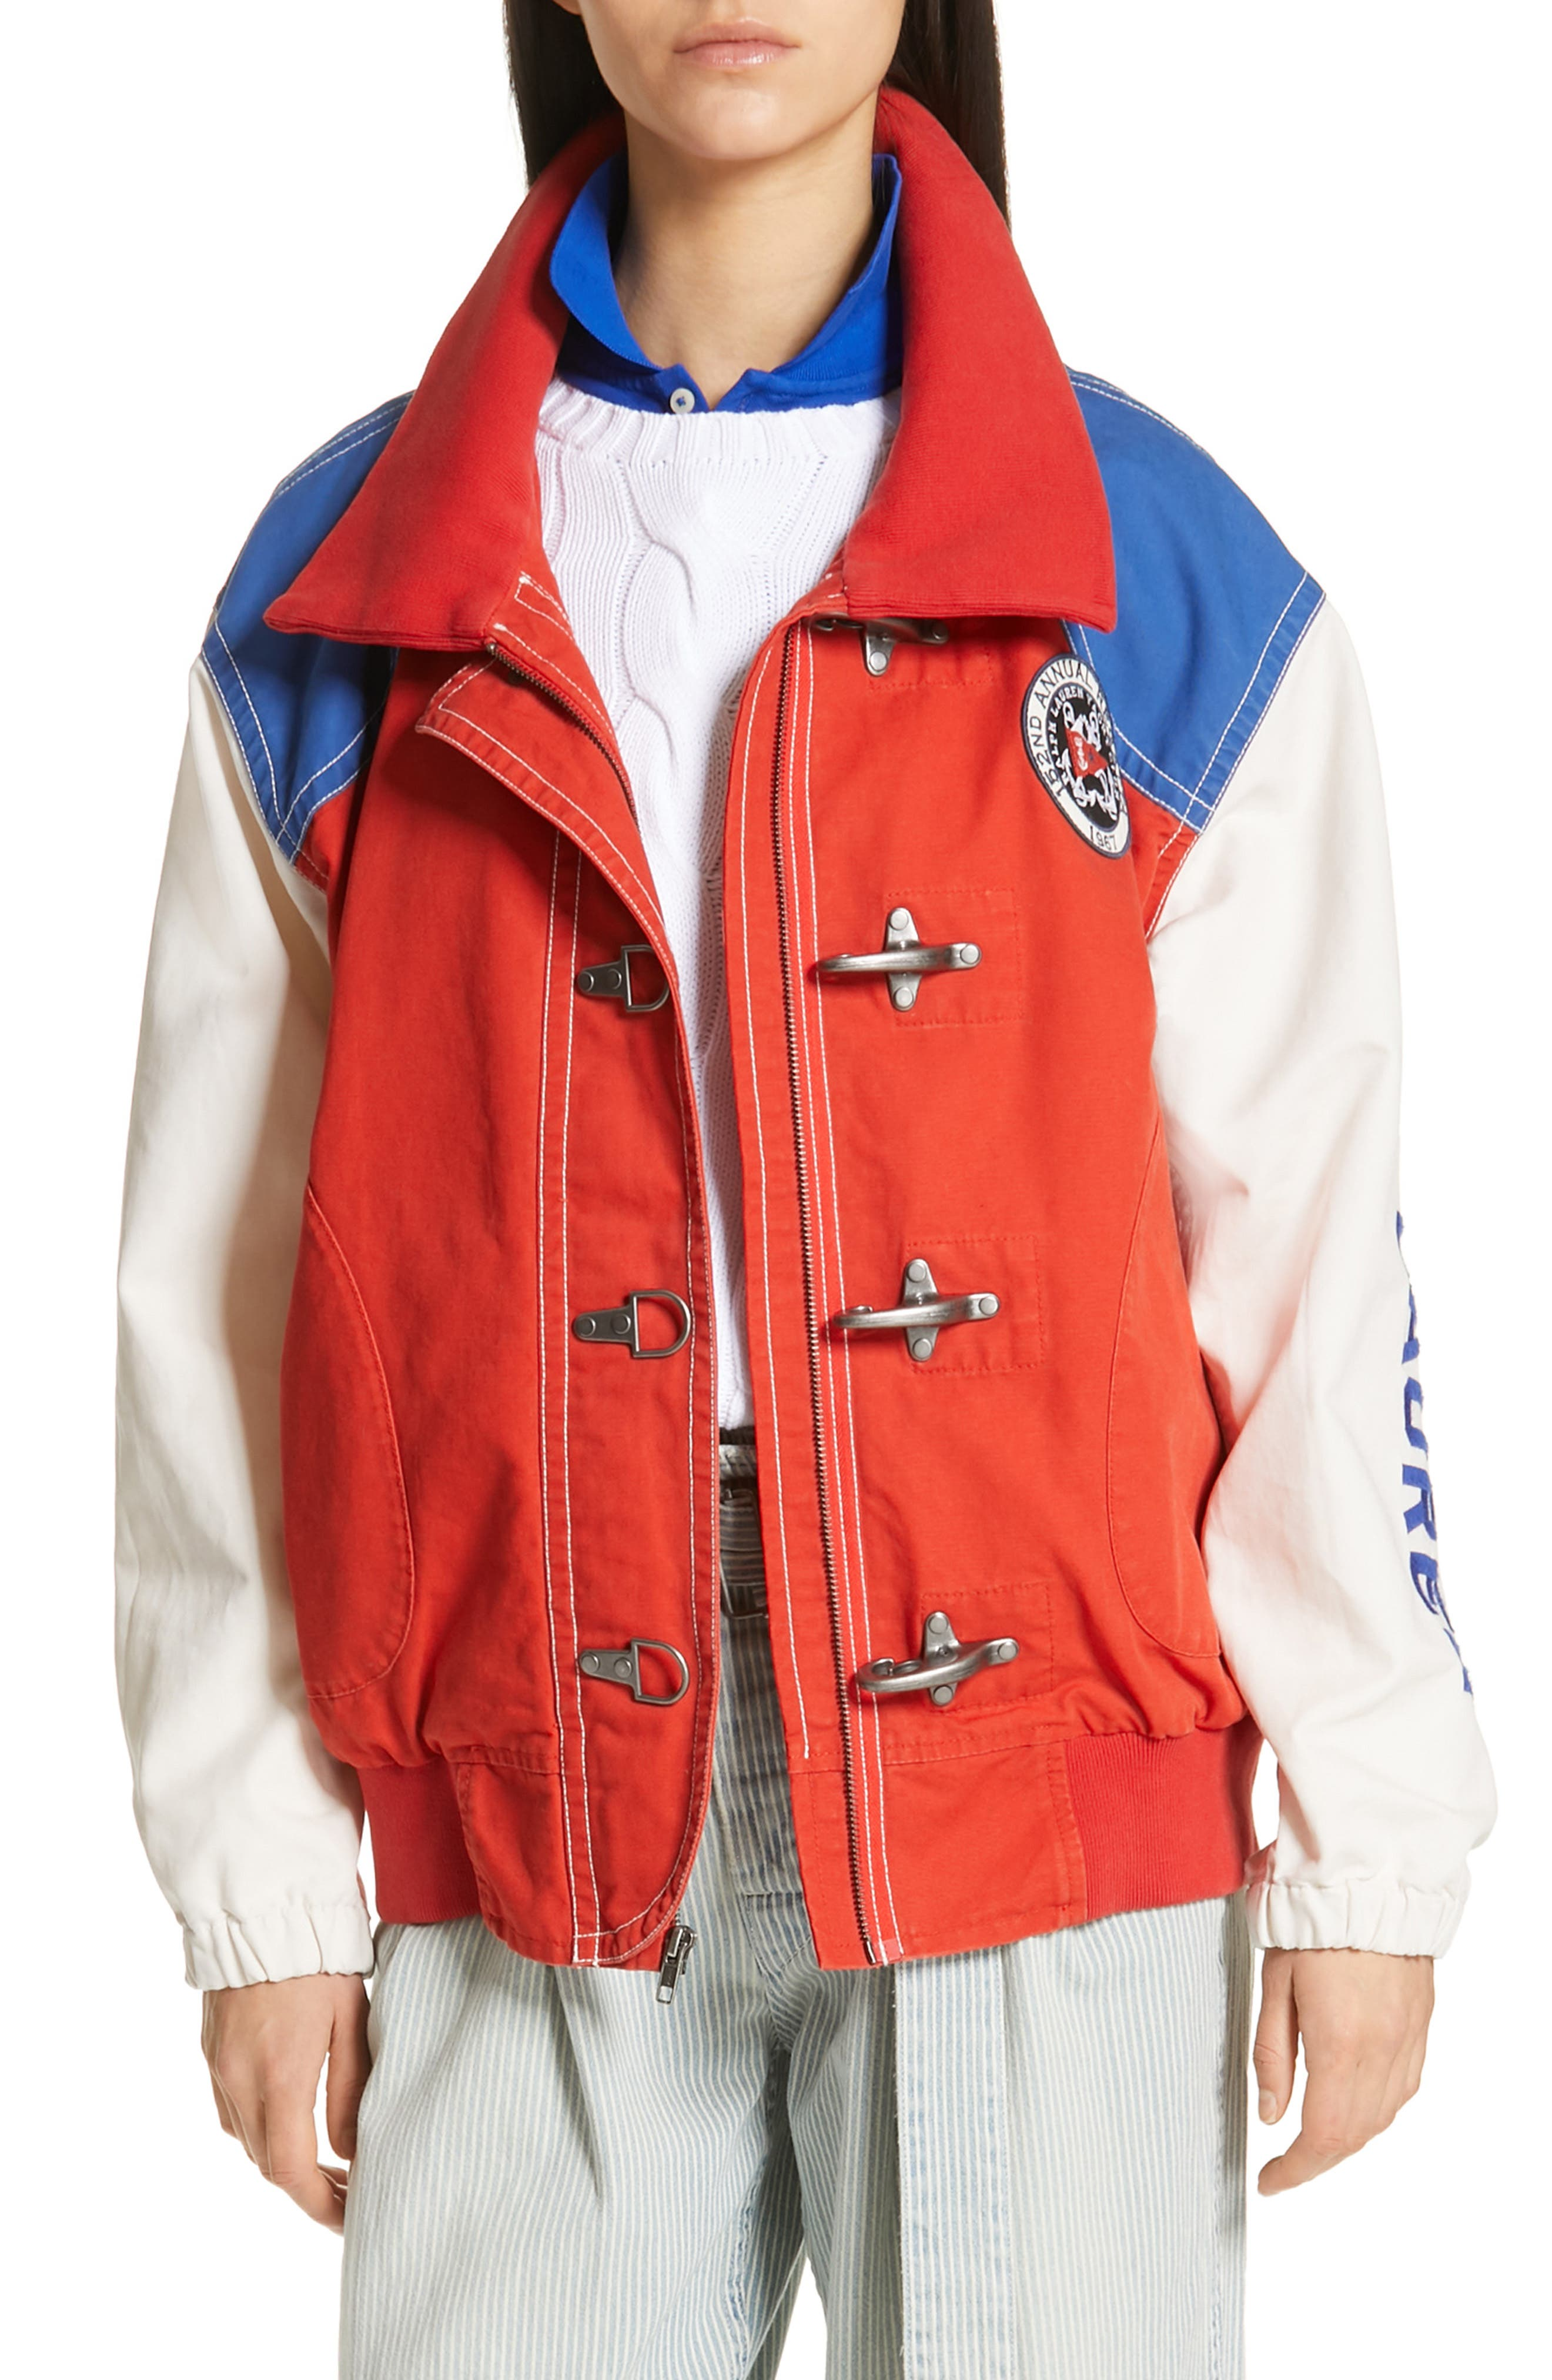 POLO RALPH LAUREN, Colorblock Utility Jacket, Main thumbnail 1, color, ORANGE/CREAM/ SAPPHIRE